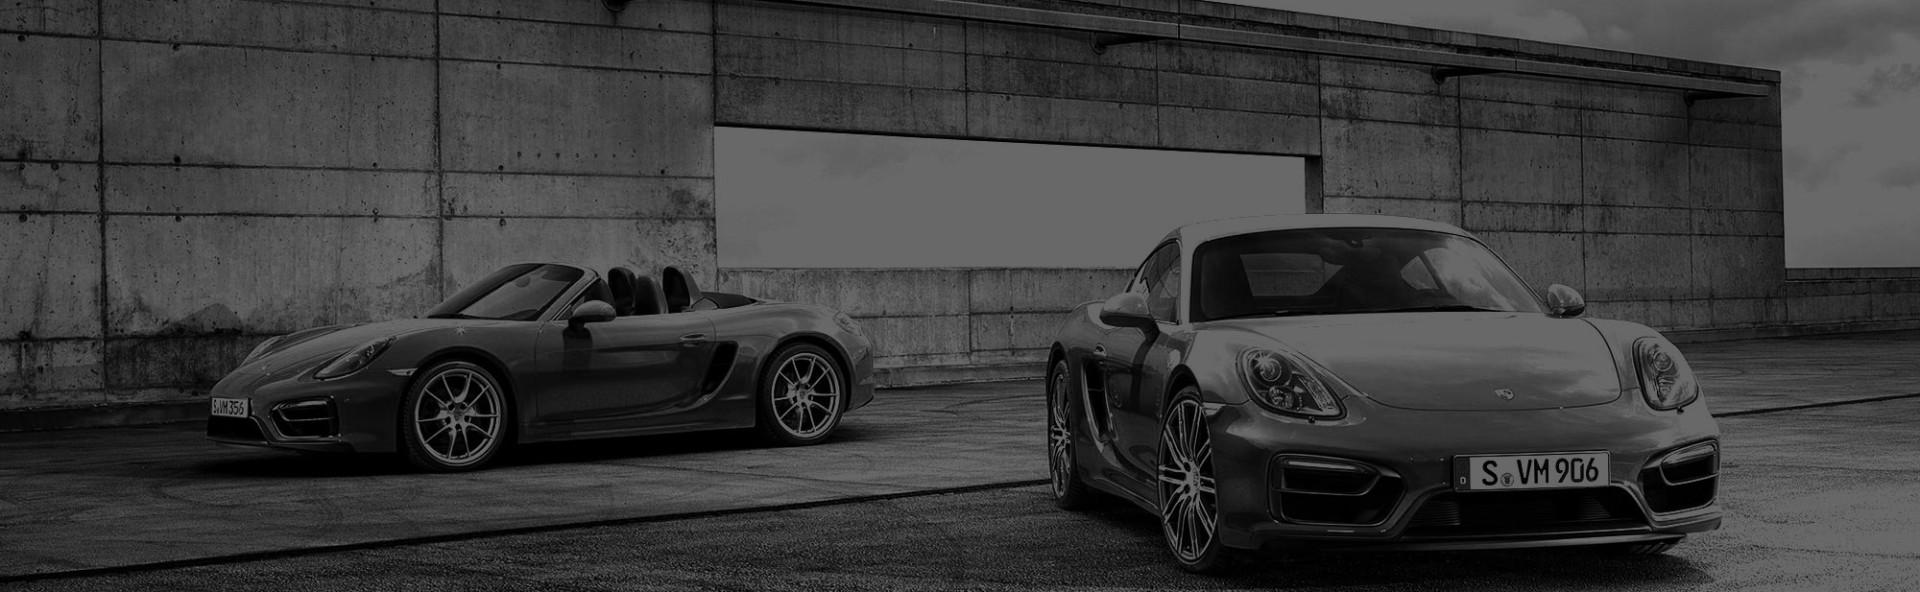 slide-cars2